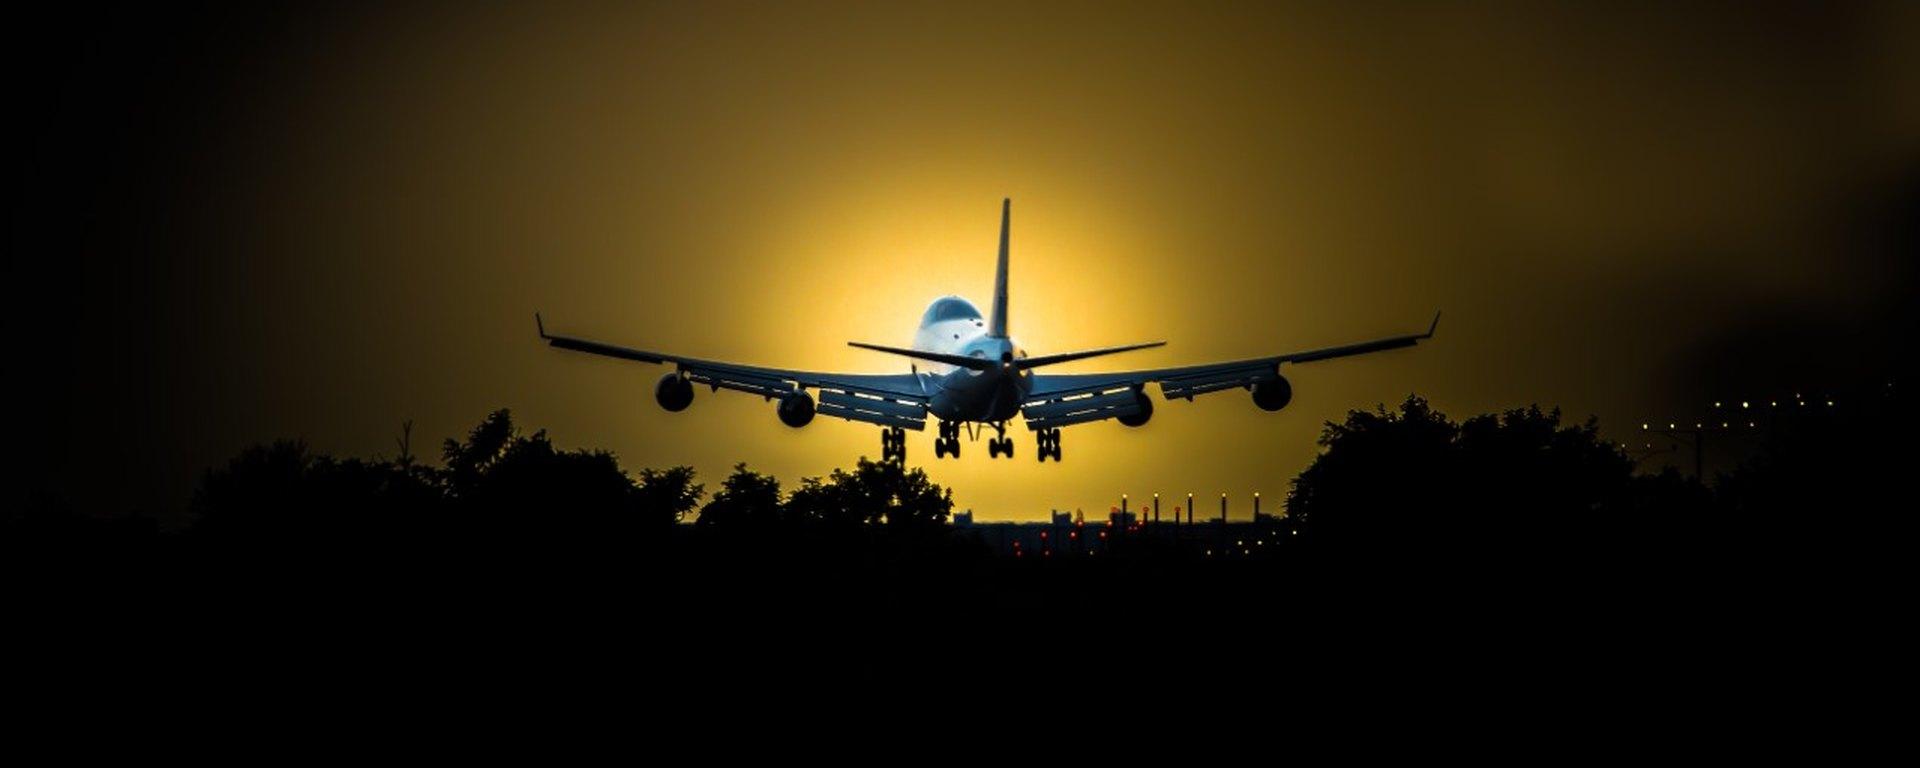 FlyArystan планирует запустить рейс Алматы-Караганда